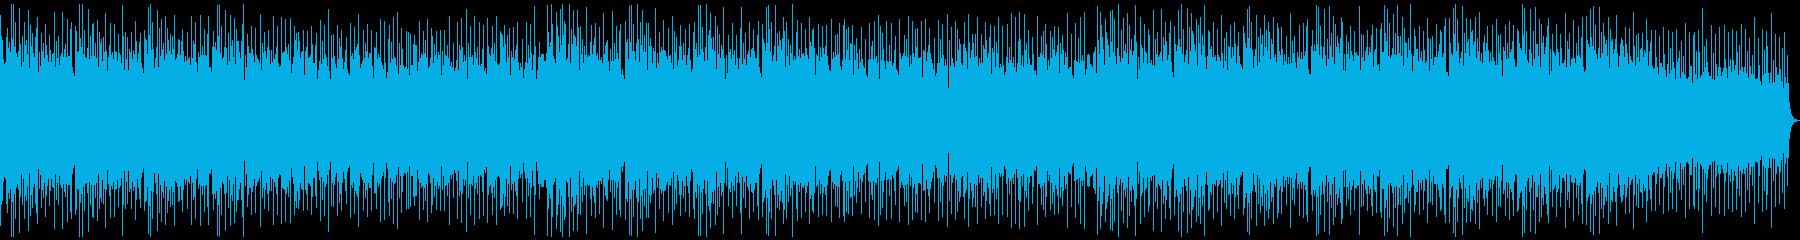 エンディングに 疾走感のあるロックの再生済みの波形